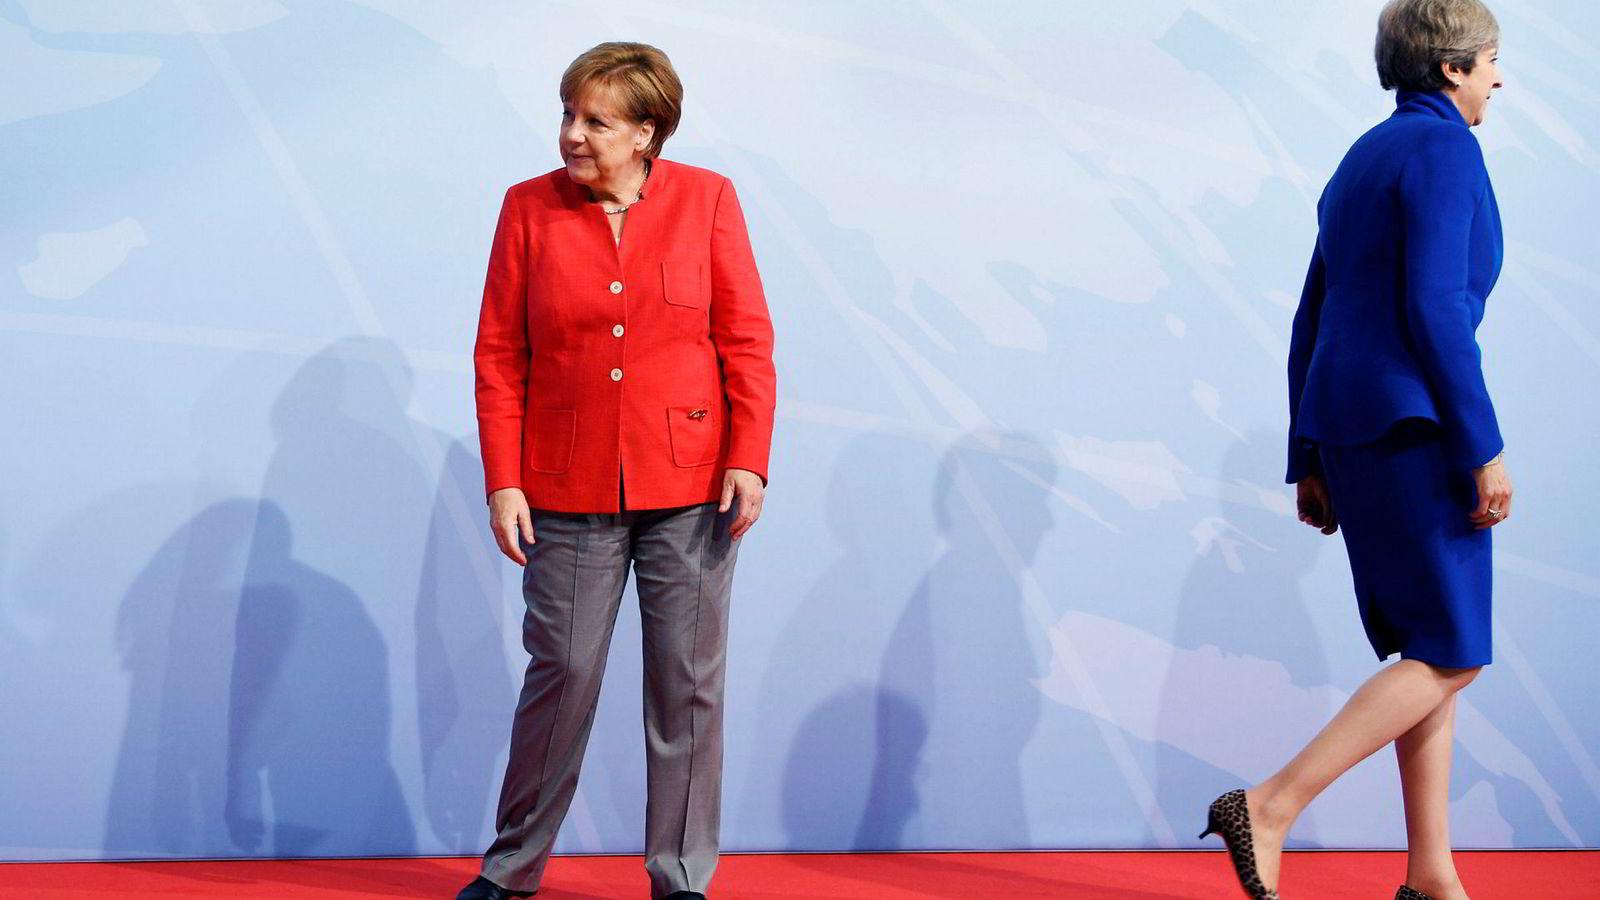 Tysklands forbundskansler Angela Merkel (til venstre) ga onsdag beskjed om at hun ikke ville komme til møtet på søndag hvis det ikke foreligger en ferdigforhandlet tekst å undertegne. Til høyre Storbritannias statsminister Theresa May. Foto: Christian Charisius/AP/NTB Scanpix